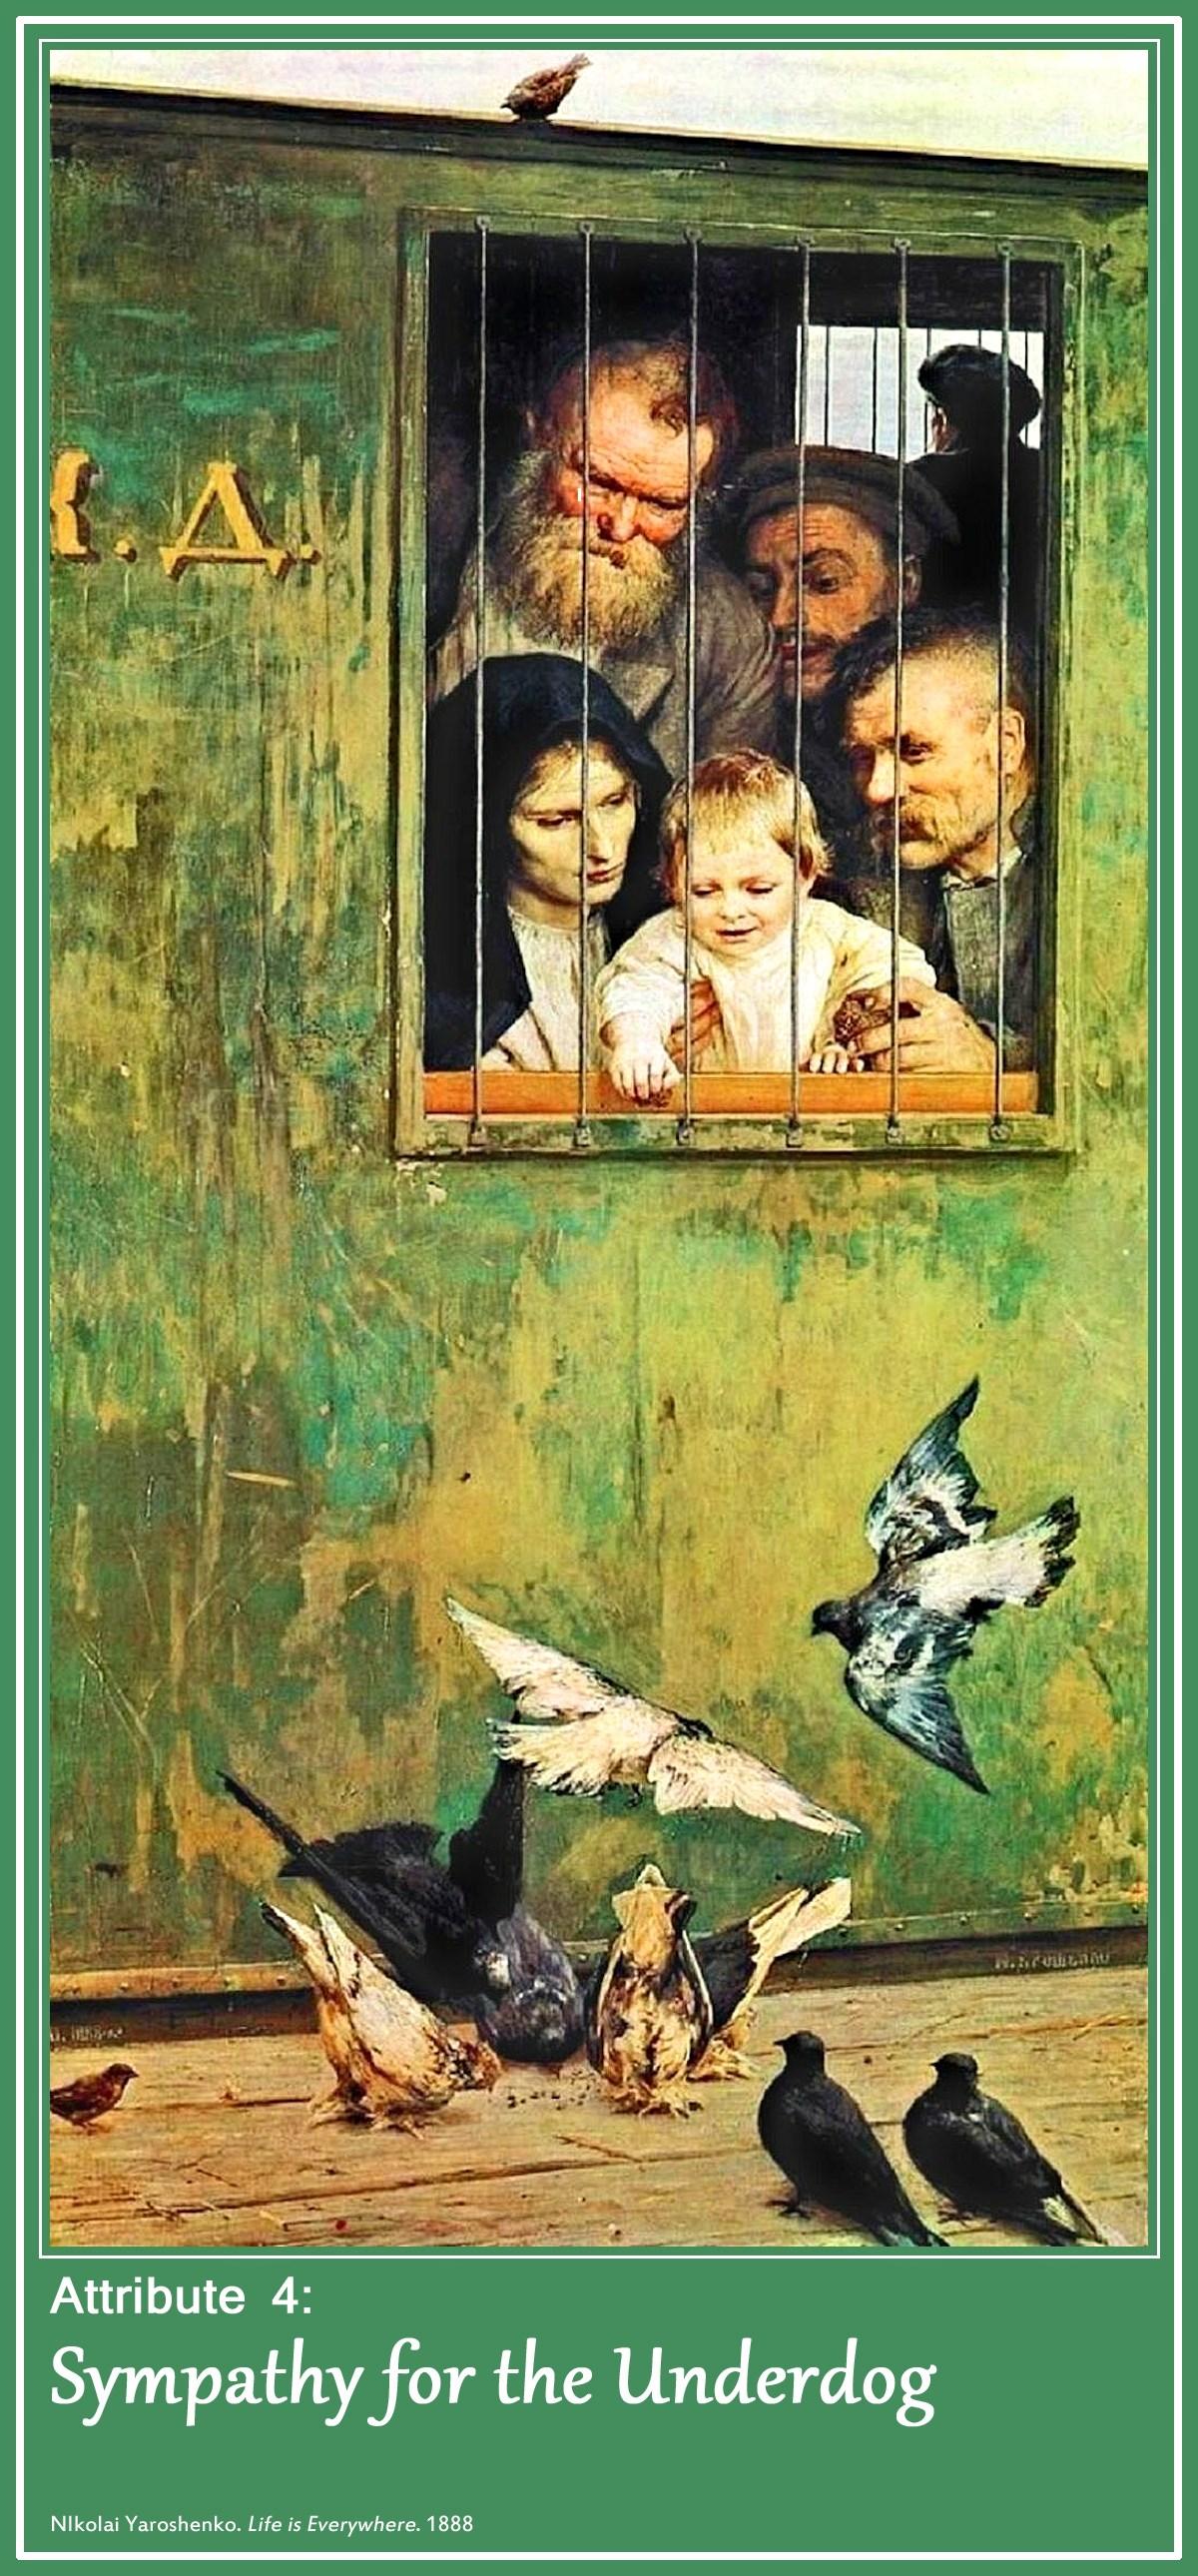 00 russia 04. Nikolai Yaroshenko. Life is Everywhere. 1888